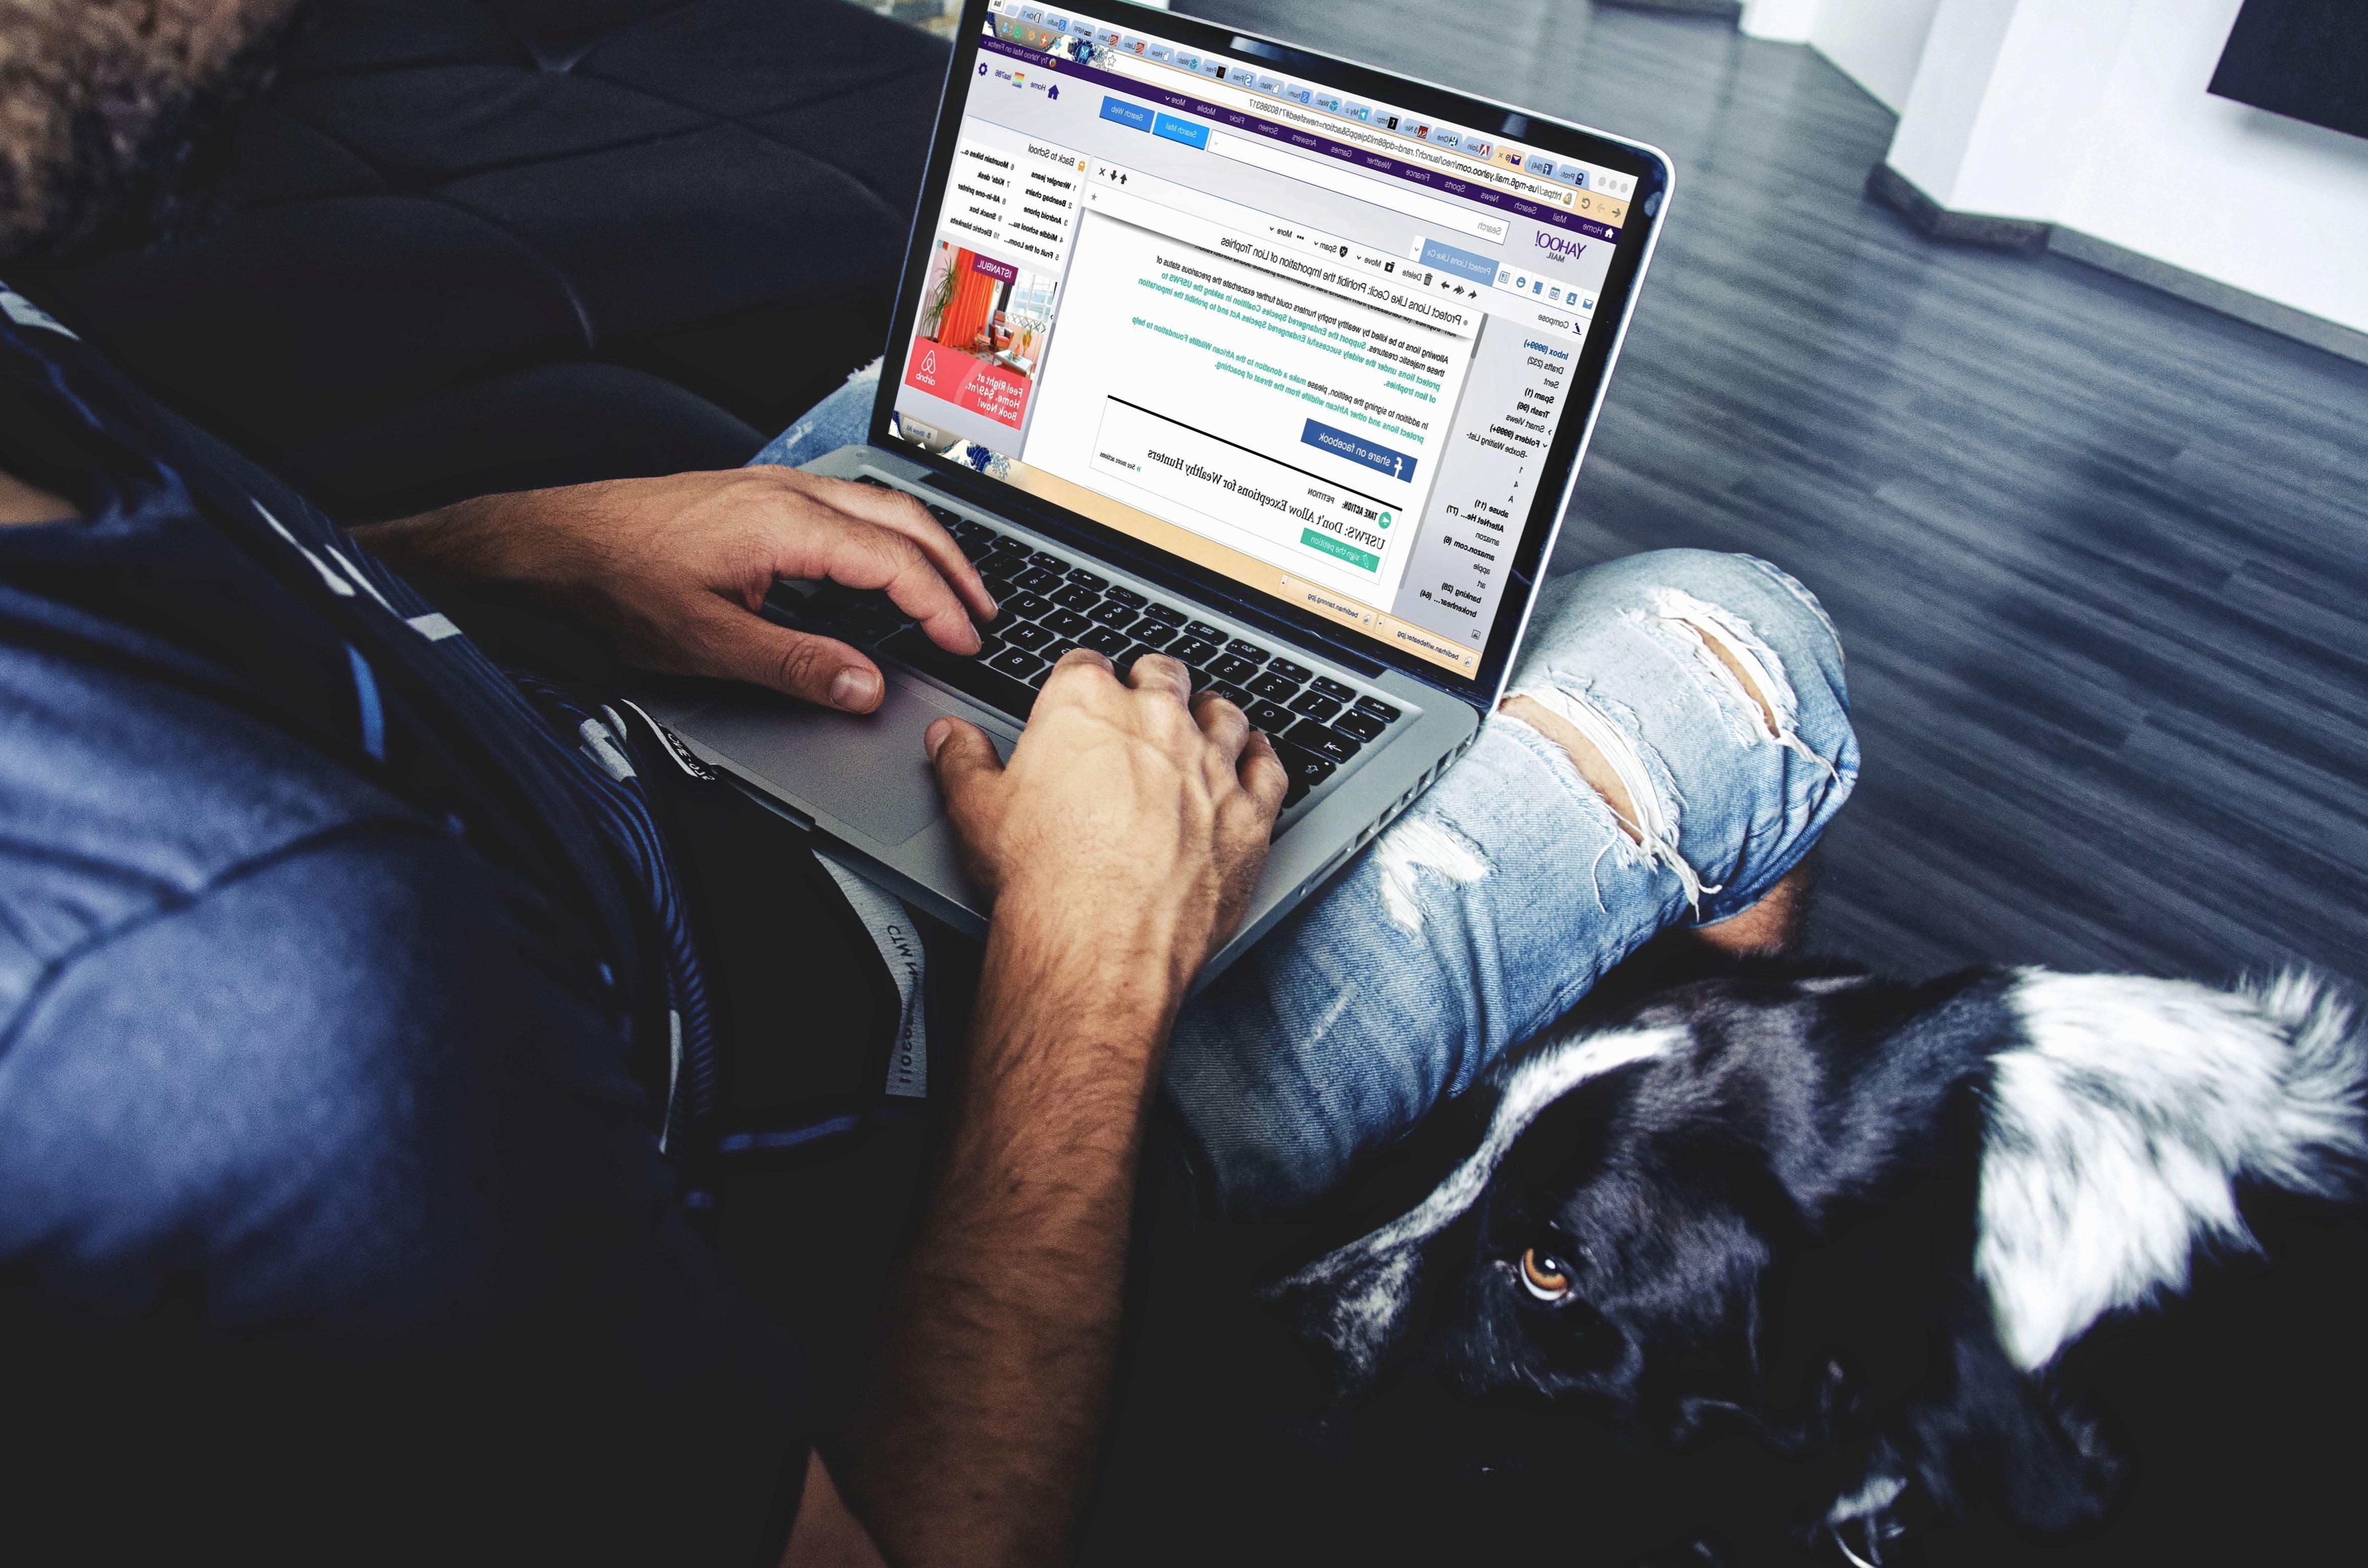 La Thaïlande est le pays où la population passe le plus de temps sur internet quotidiennement